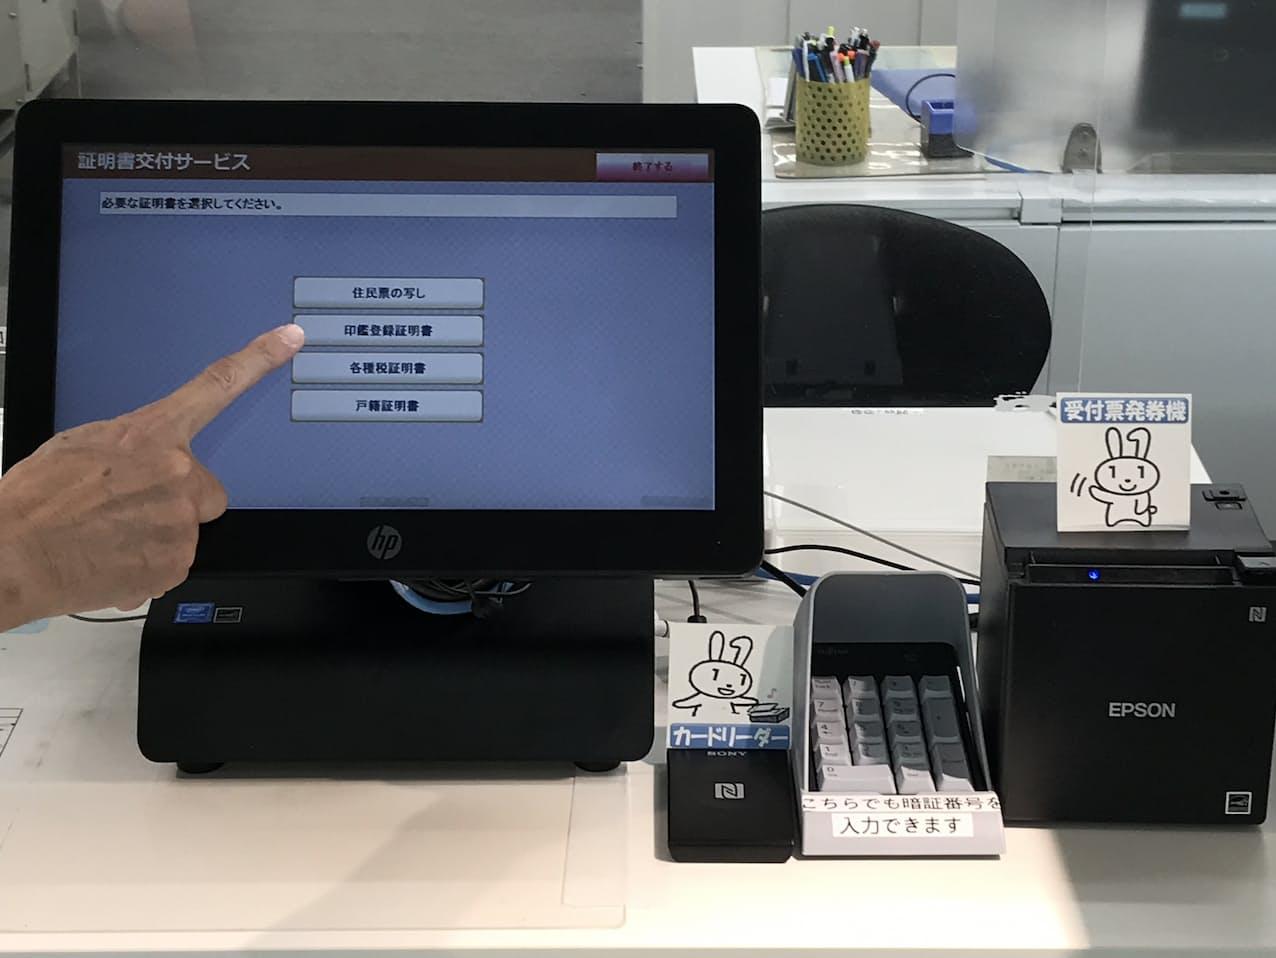 簡単なタッチパネル操作で住民票の写しなどの交付手続きができる